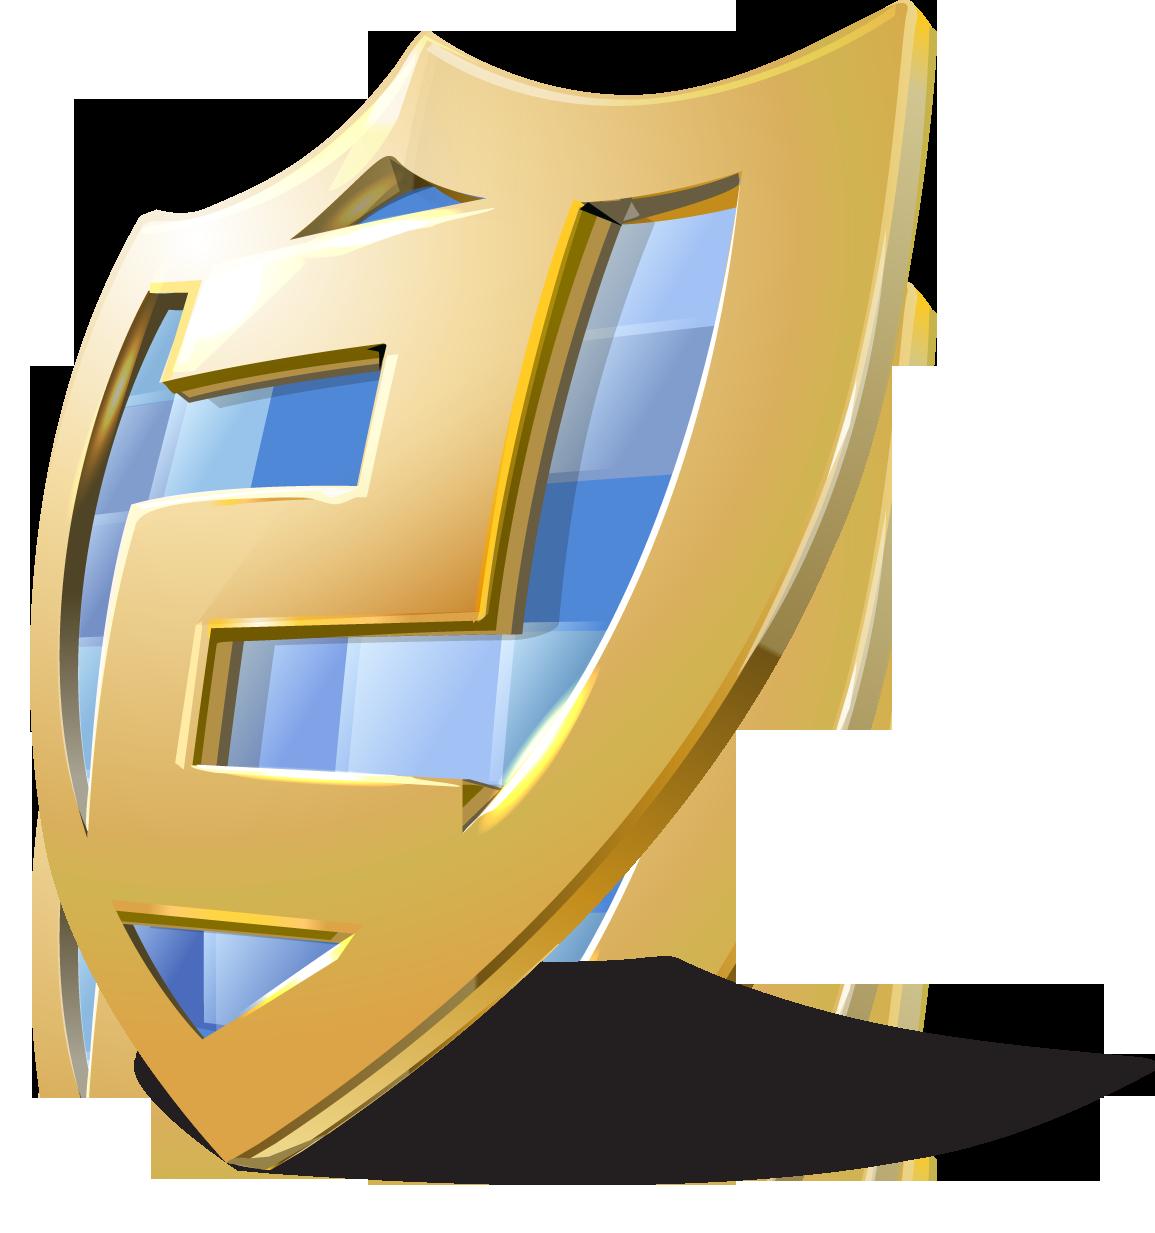 Emsisoft Anti-Malware License Key Plus Crack Full Free Download